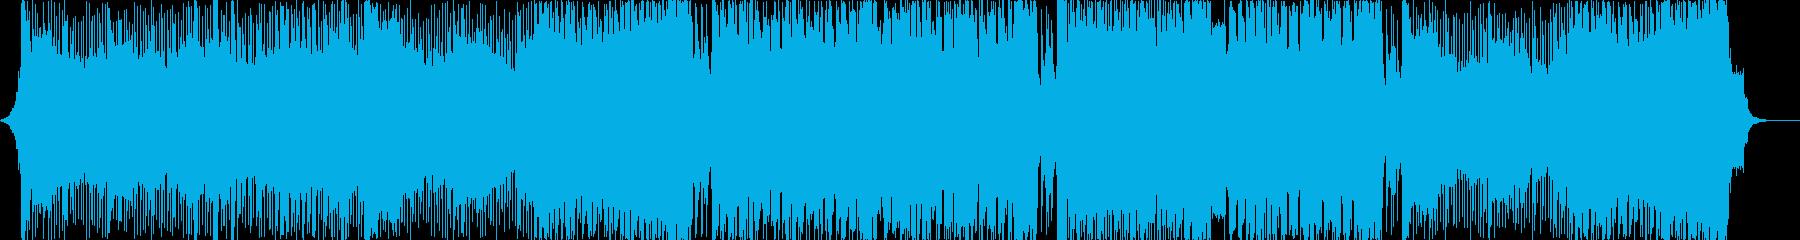 激しく不気味なビッグビート、ダブステップの再生済みの波形